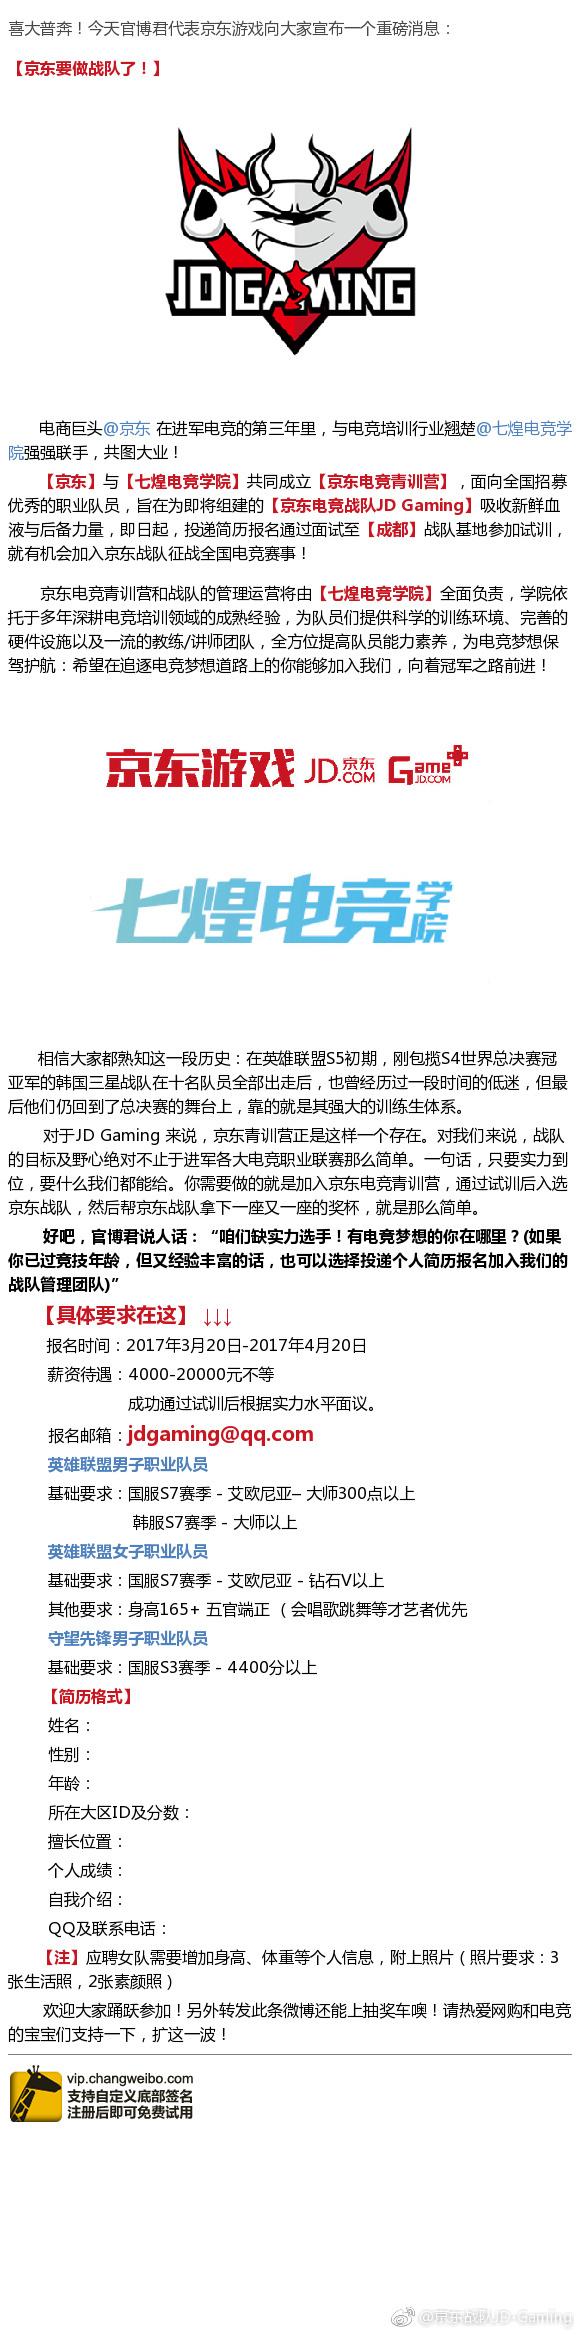 """京东成立战队是刘强东爱玩""""撸啊撸""""?卖产品才是王道"""